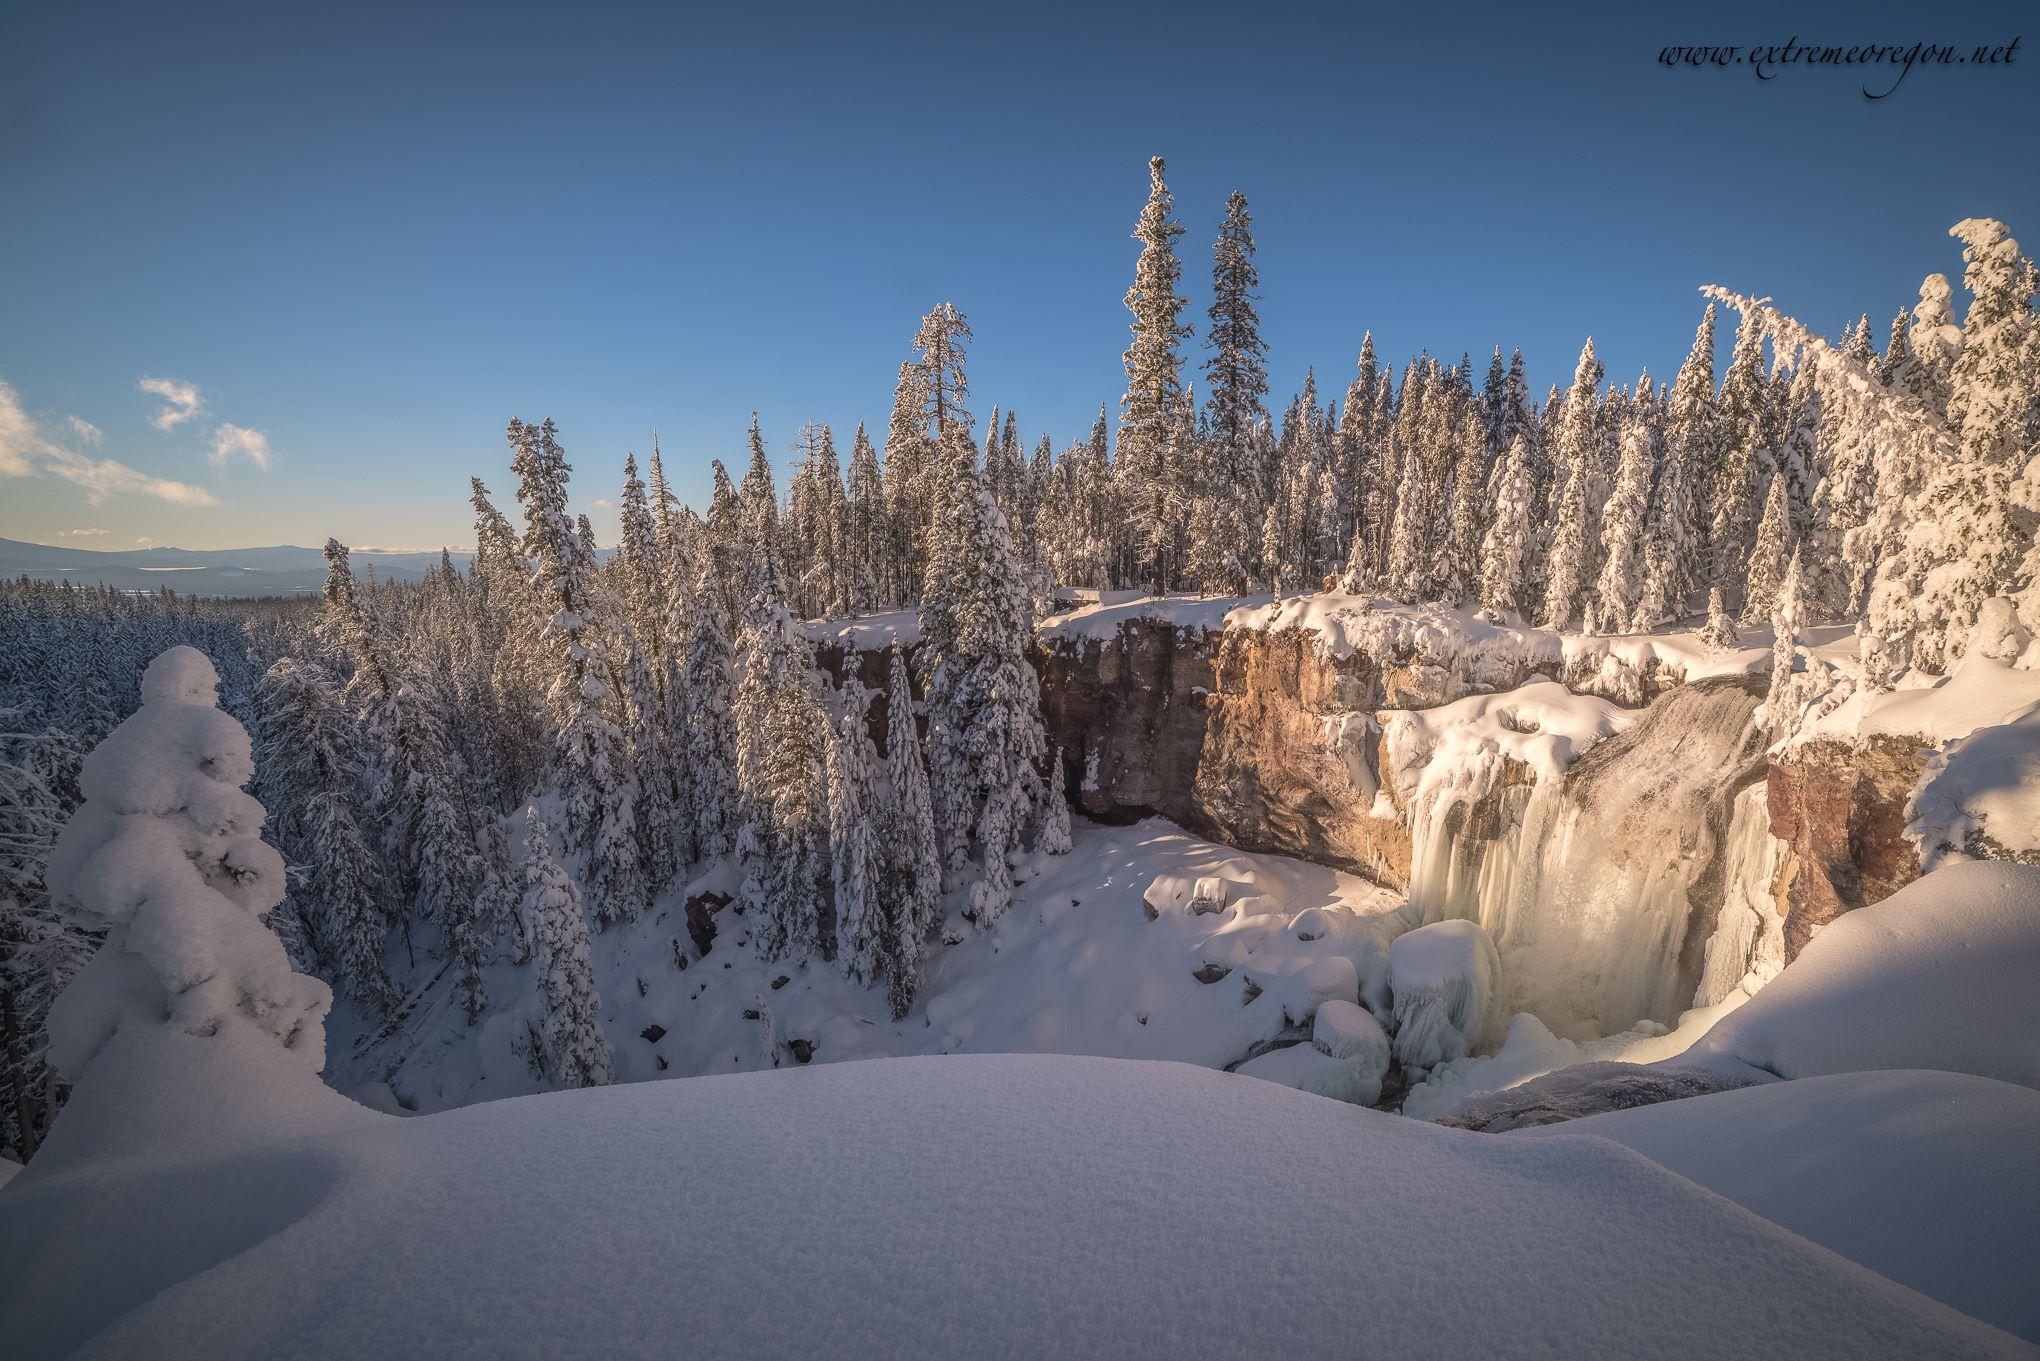 James Parsons / Extreme Oregon